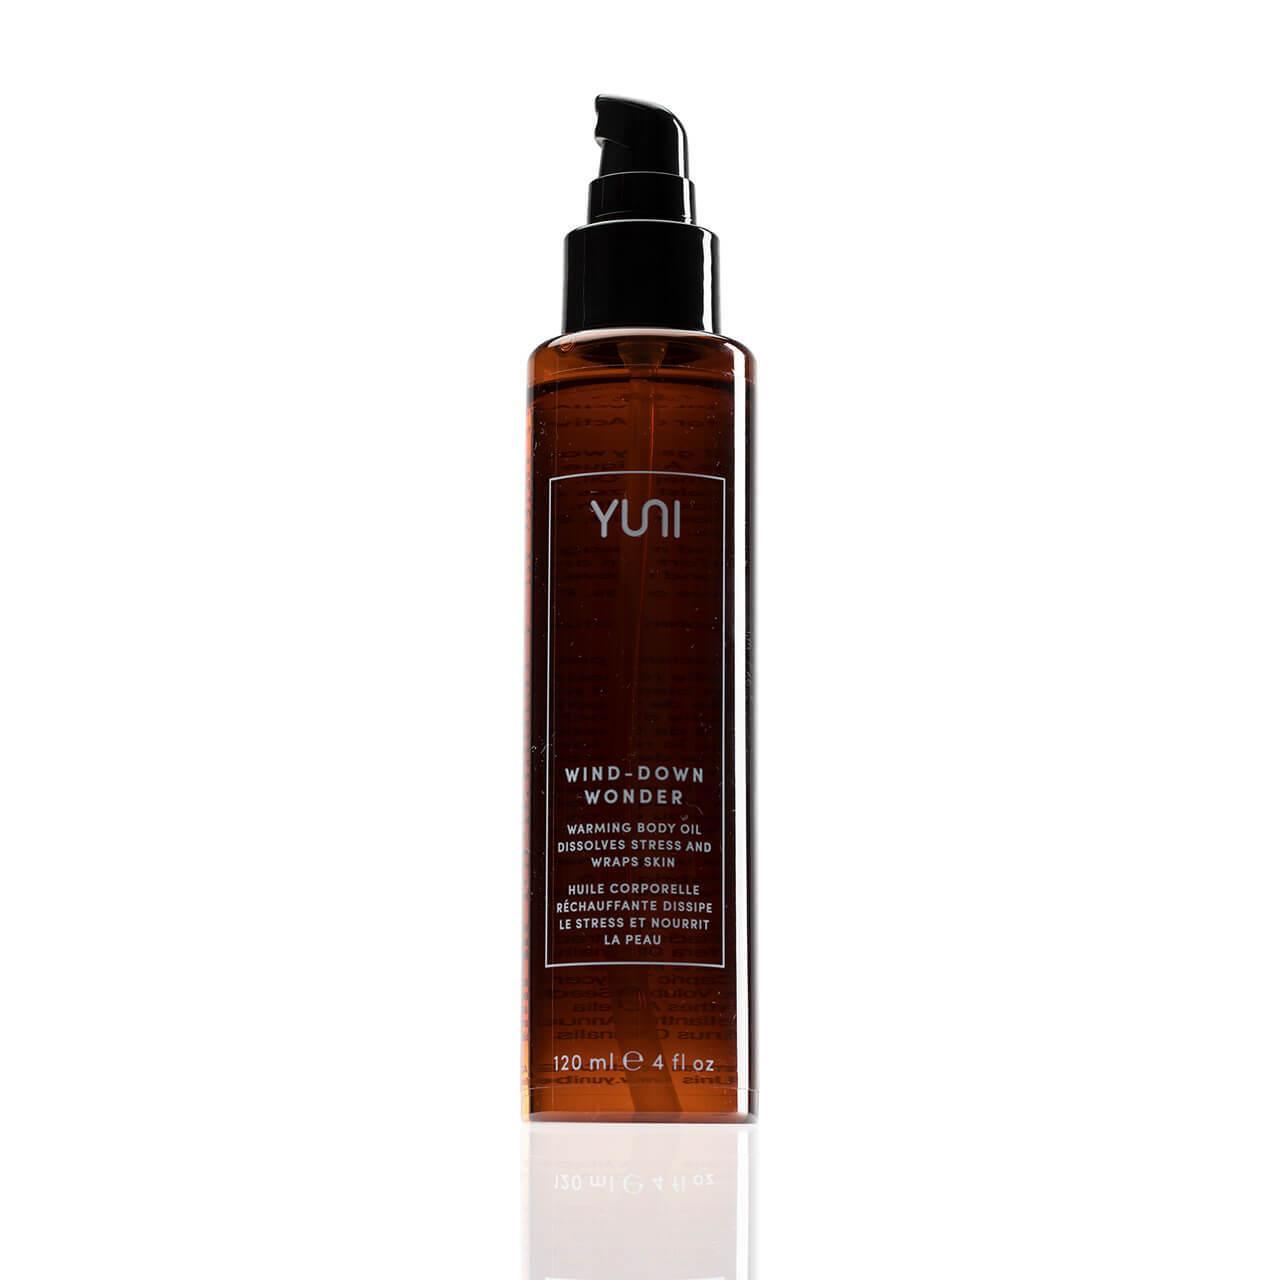 WIND-DOWN WONDER Warming Body Oil